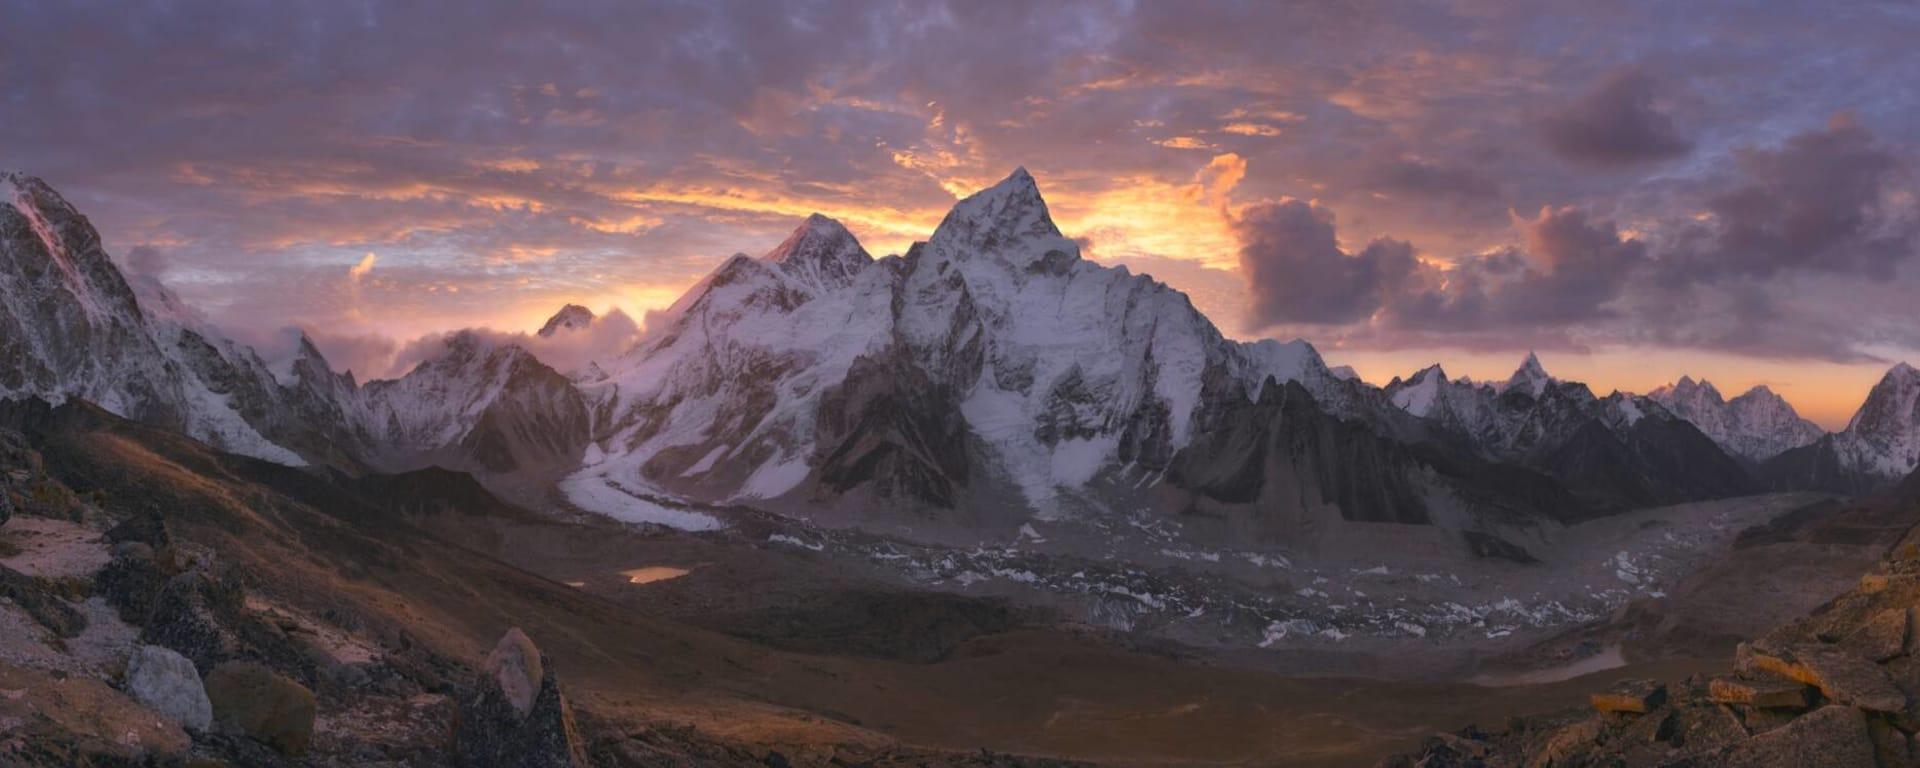 Nepal entdecken mit Tischler Reisen: Nepal Mount Everest Sonnenaufgang